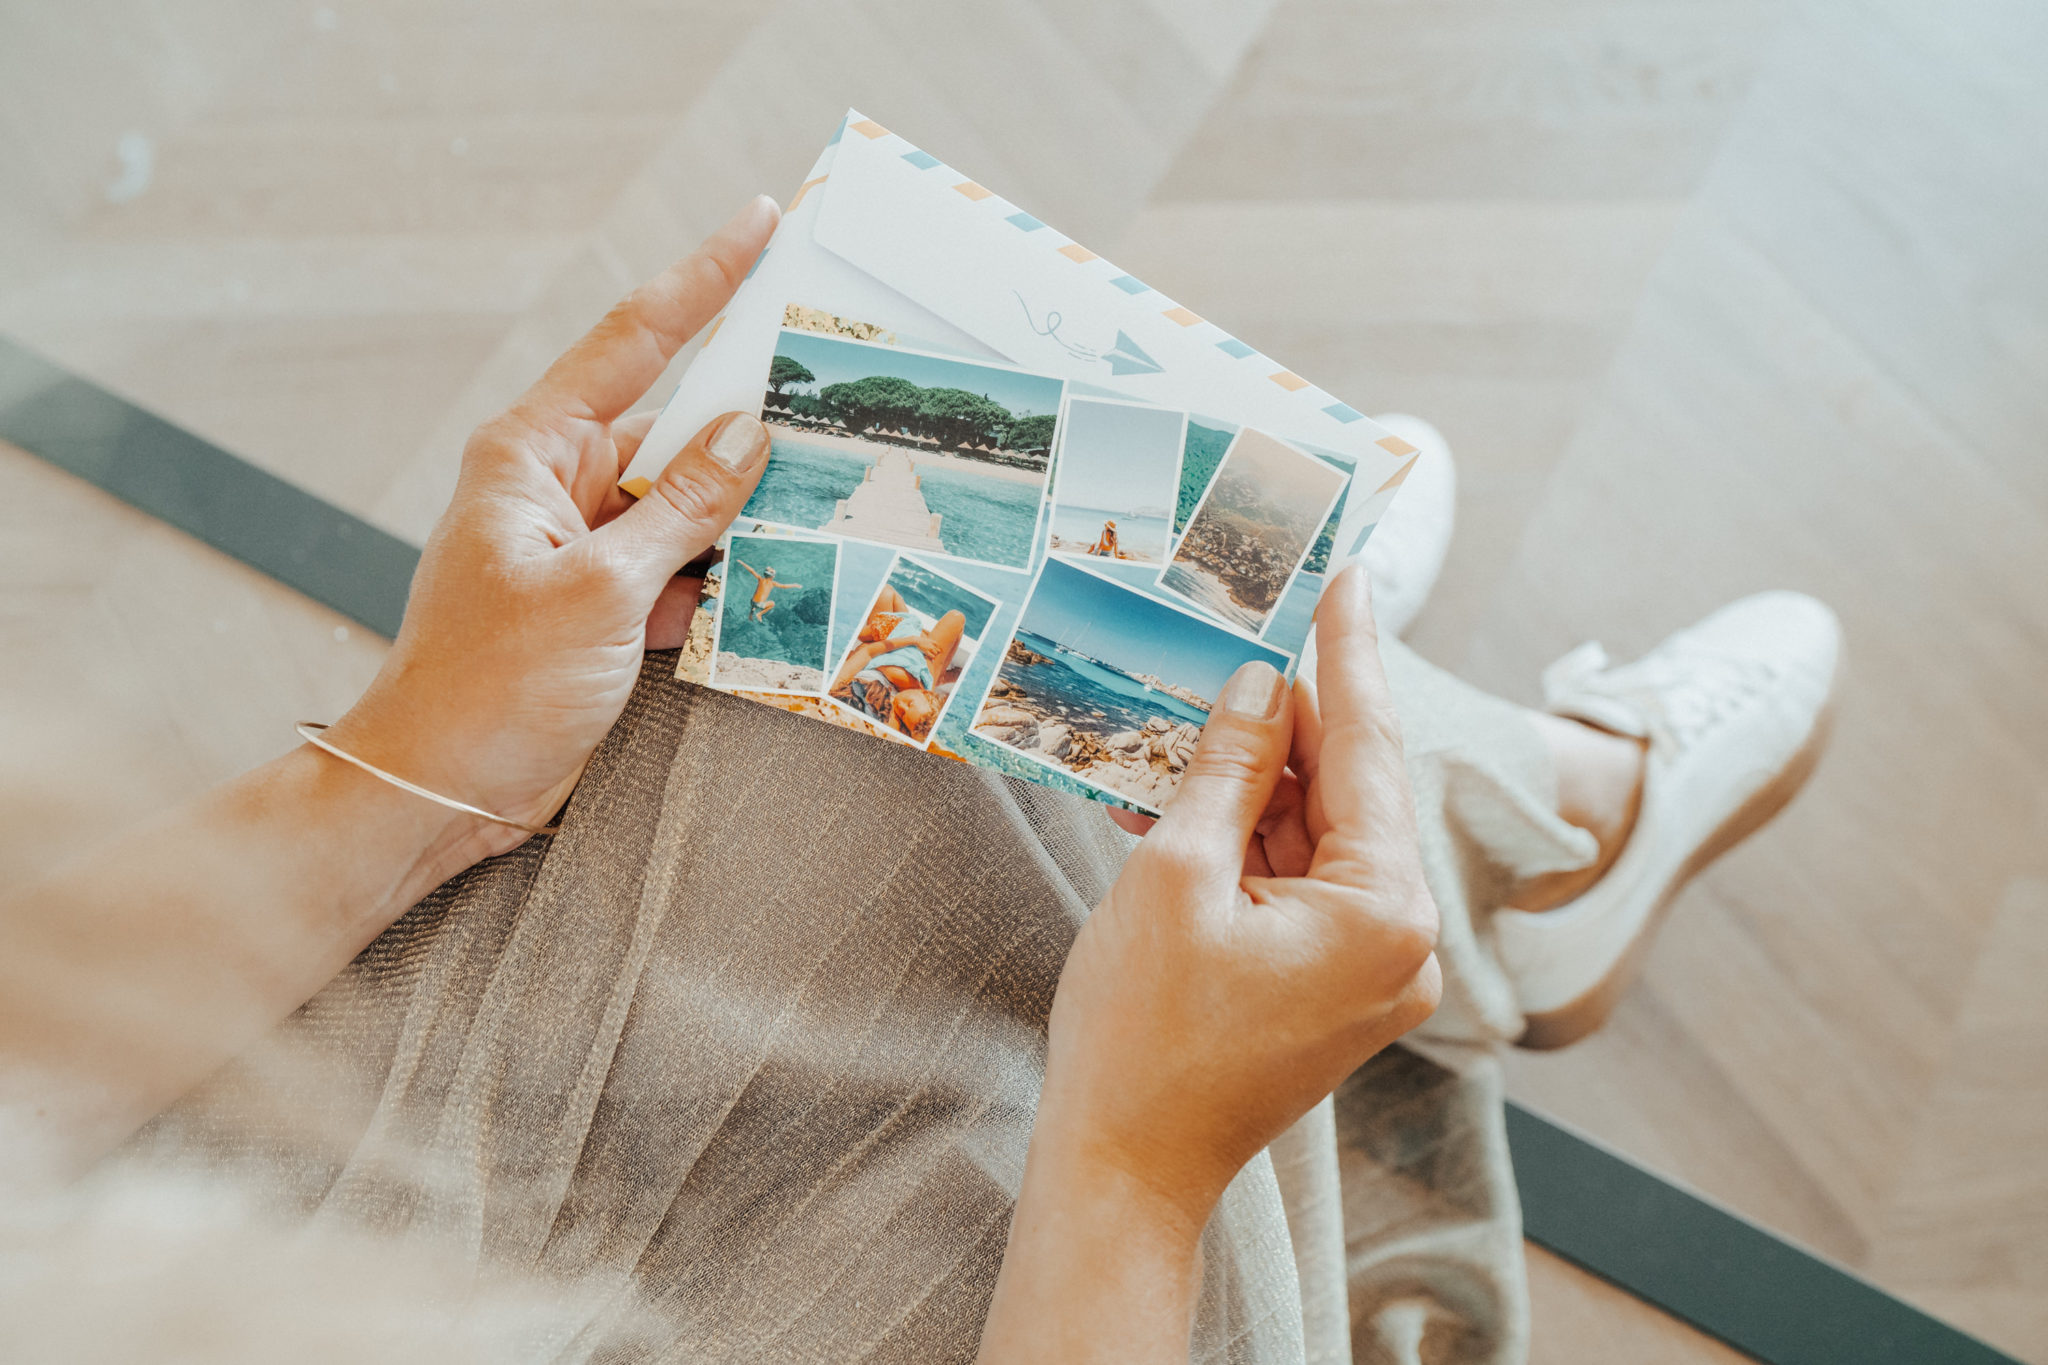 mains de femme tenant une carte ete avec mer